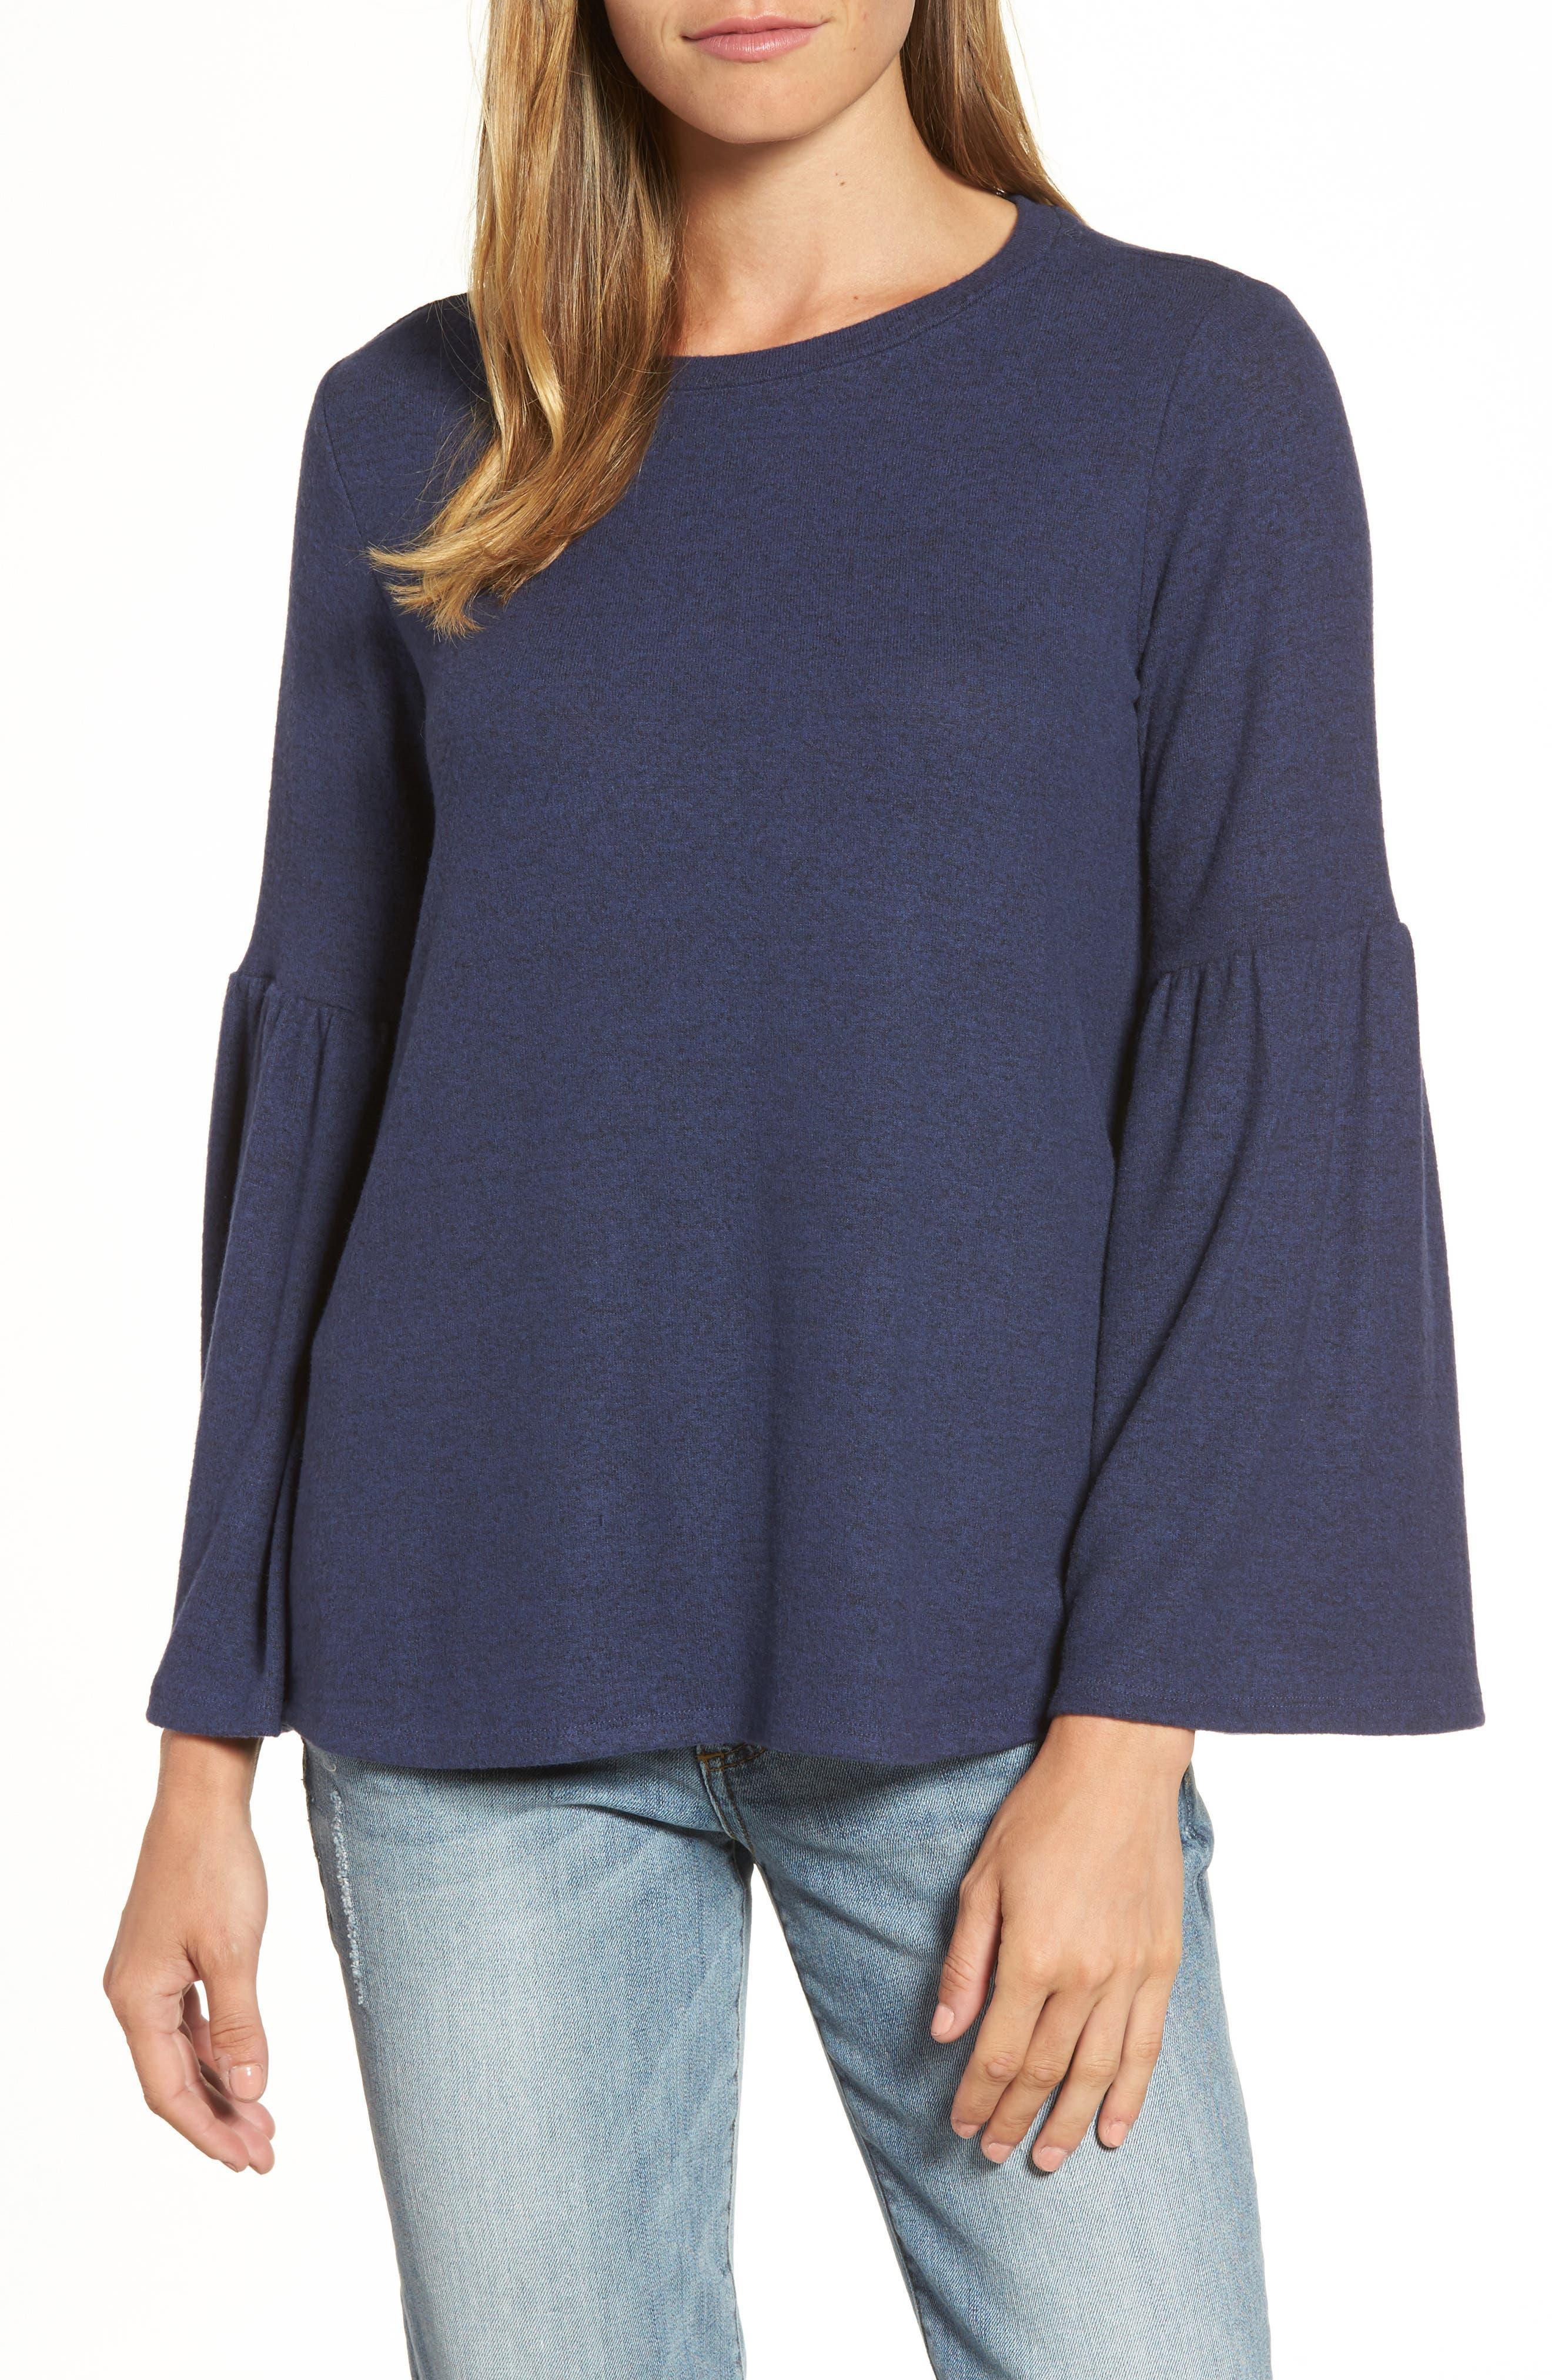 GIBSON,                             Bell Sleeve Cozy Fleece Pullover,                             Main thumbnail 1, color,                             415